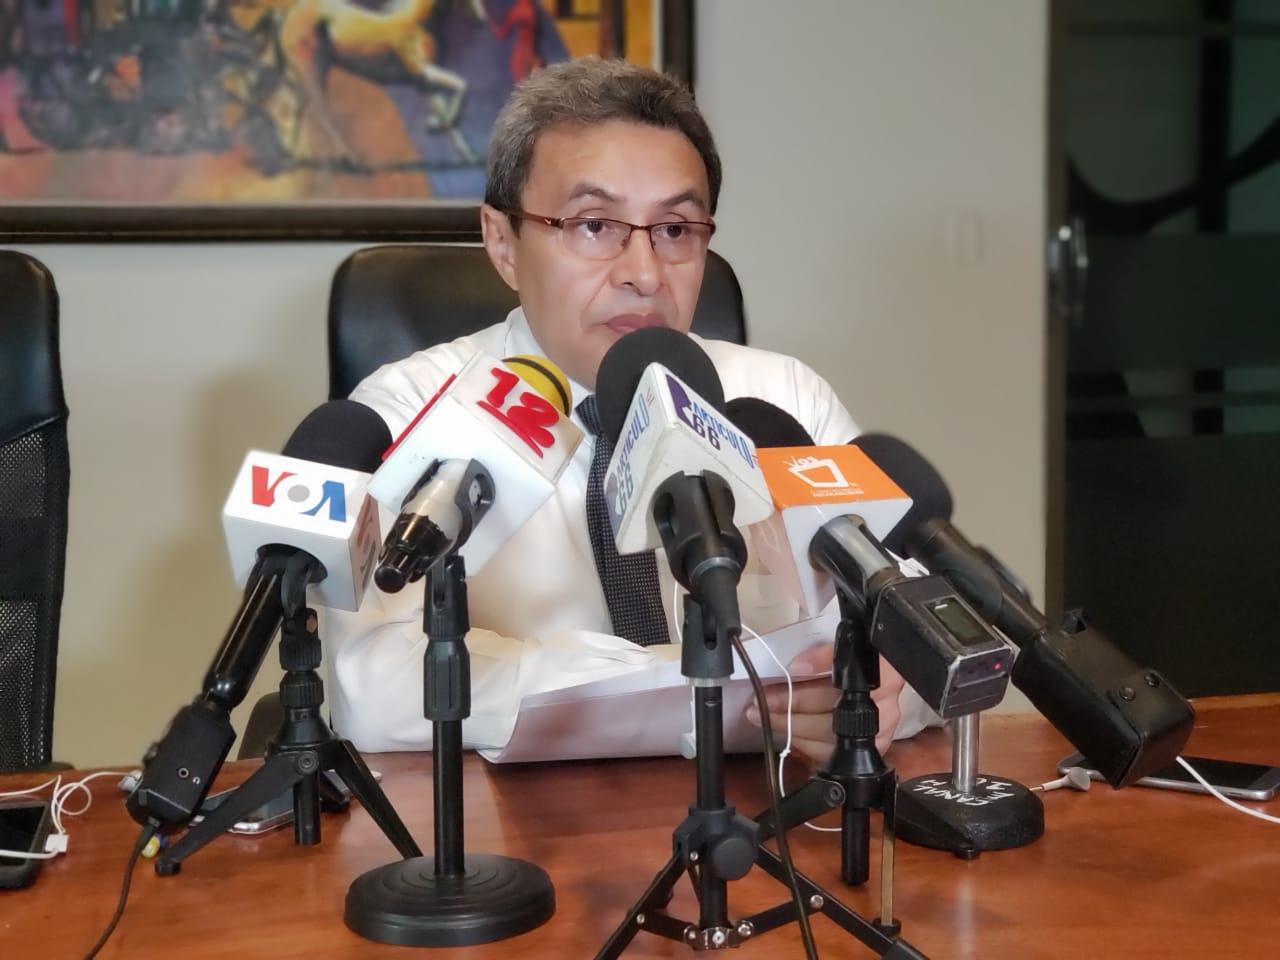 El abogado defensor del pueblo, Julio Montenegro durante la conferencia. Foto: G. Shiffman / Artículo 66